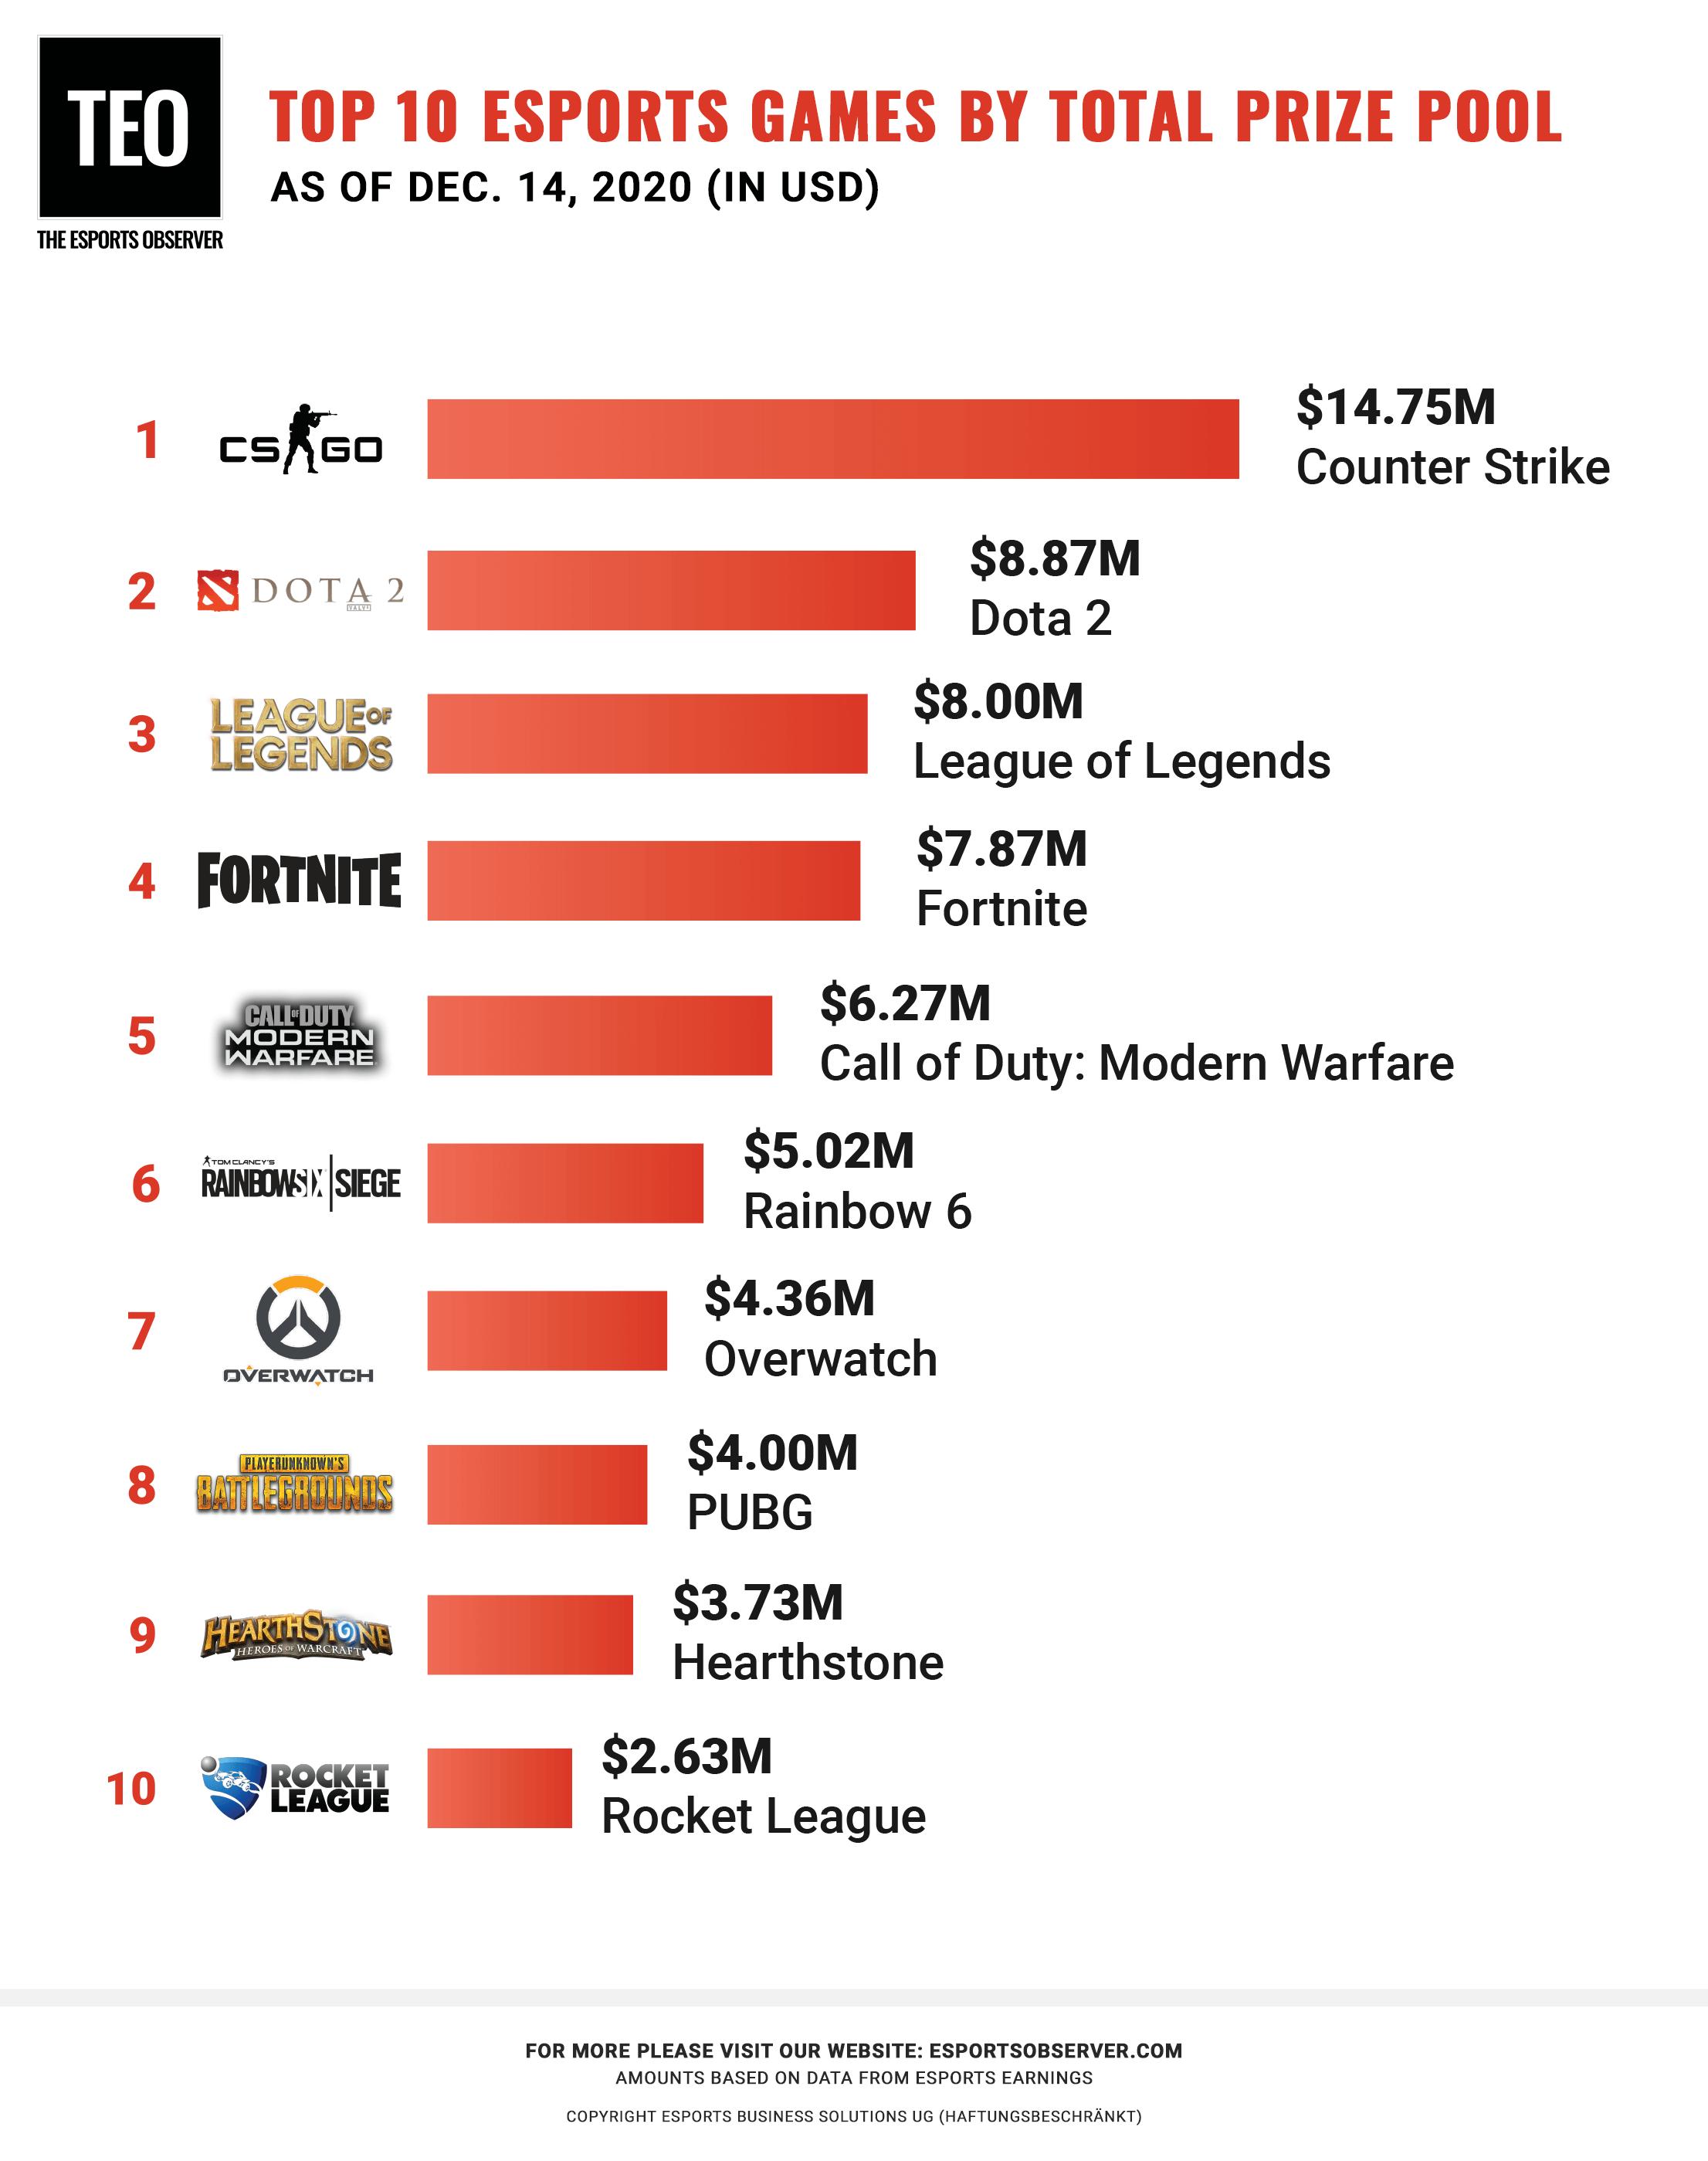 esports marketing tornei più popolari